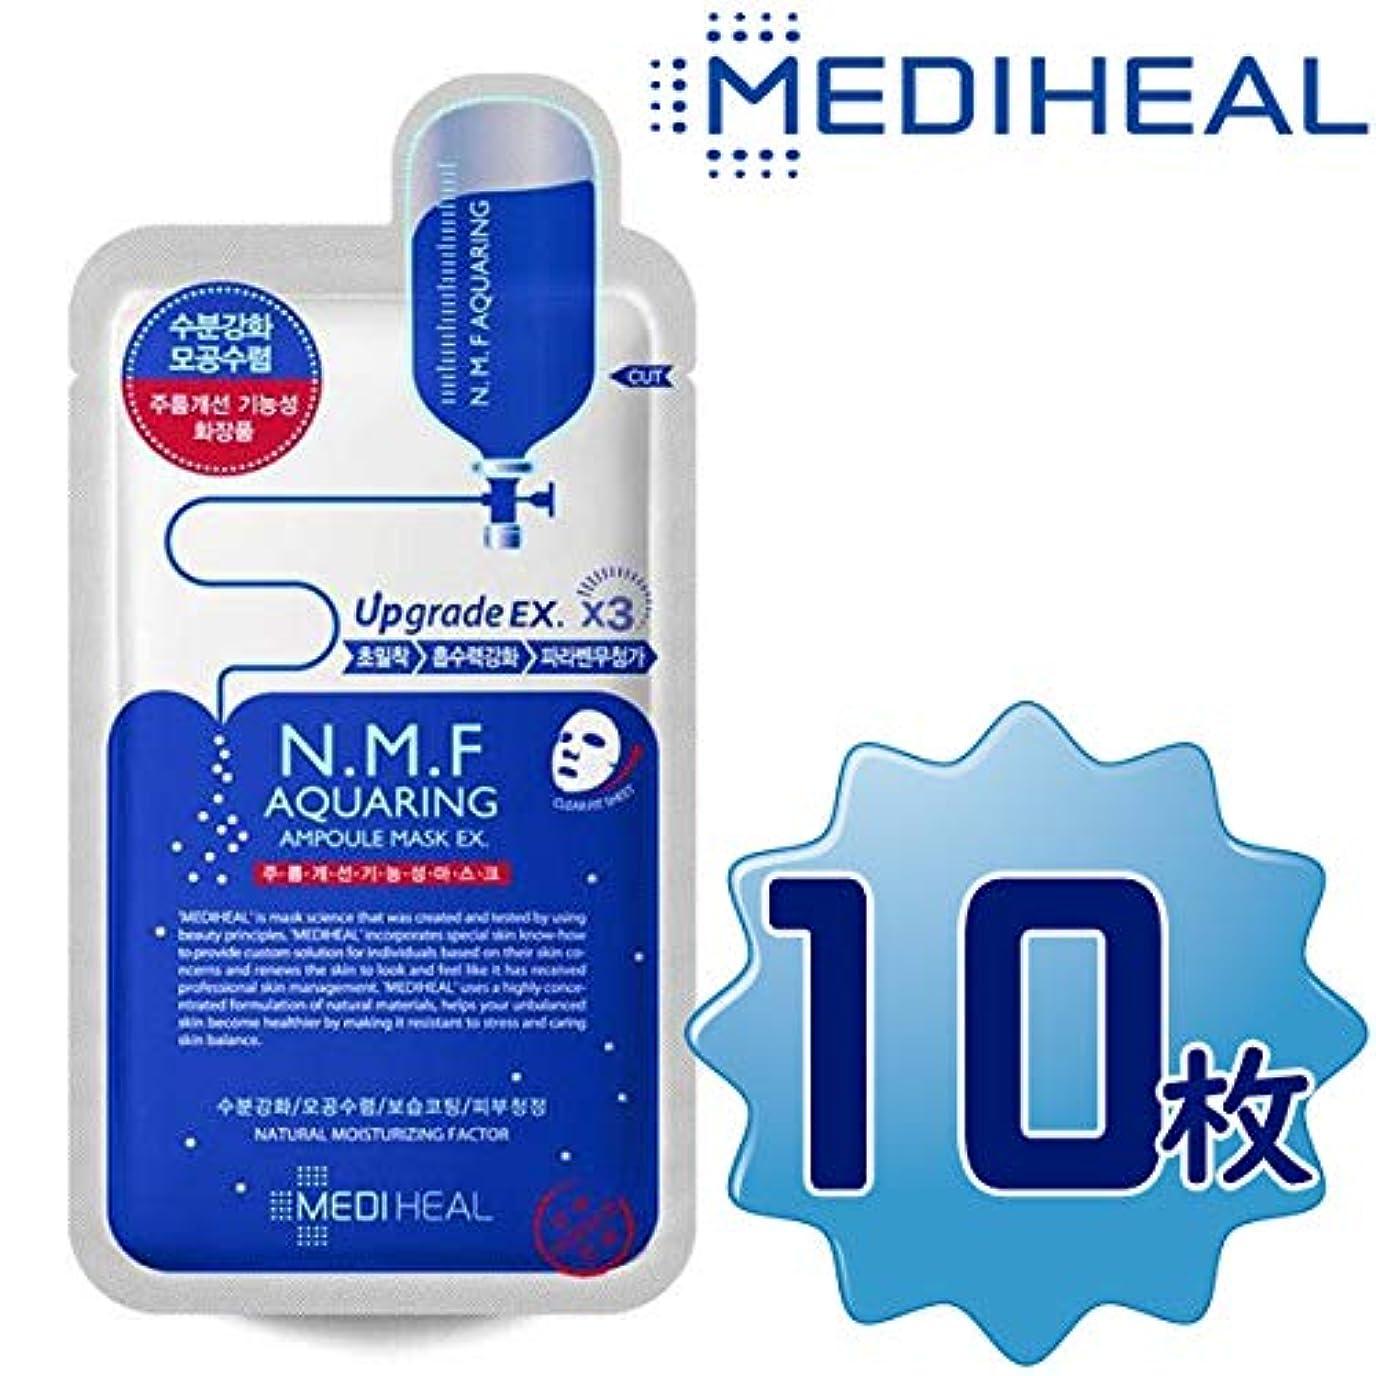 支払いベルベット条件付き【正規輸入品】Mediheal メディヒール N.M.F アクアリング アンプル?マスクパックEX 10枚入り×1(Aquaring Ampoule Essential Mask PackEX 1box(10sheet)×1